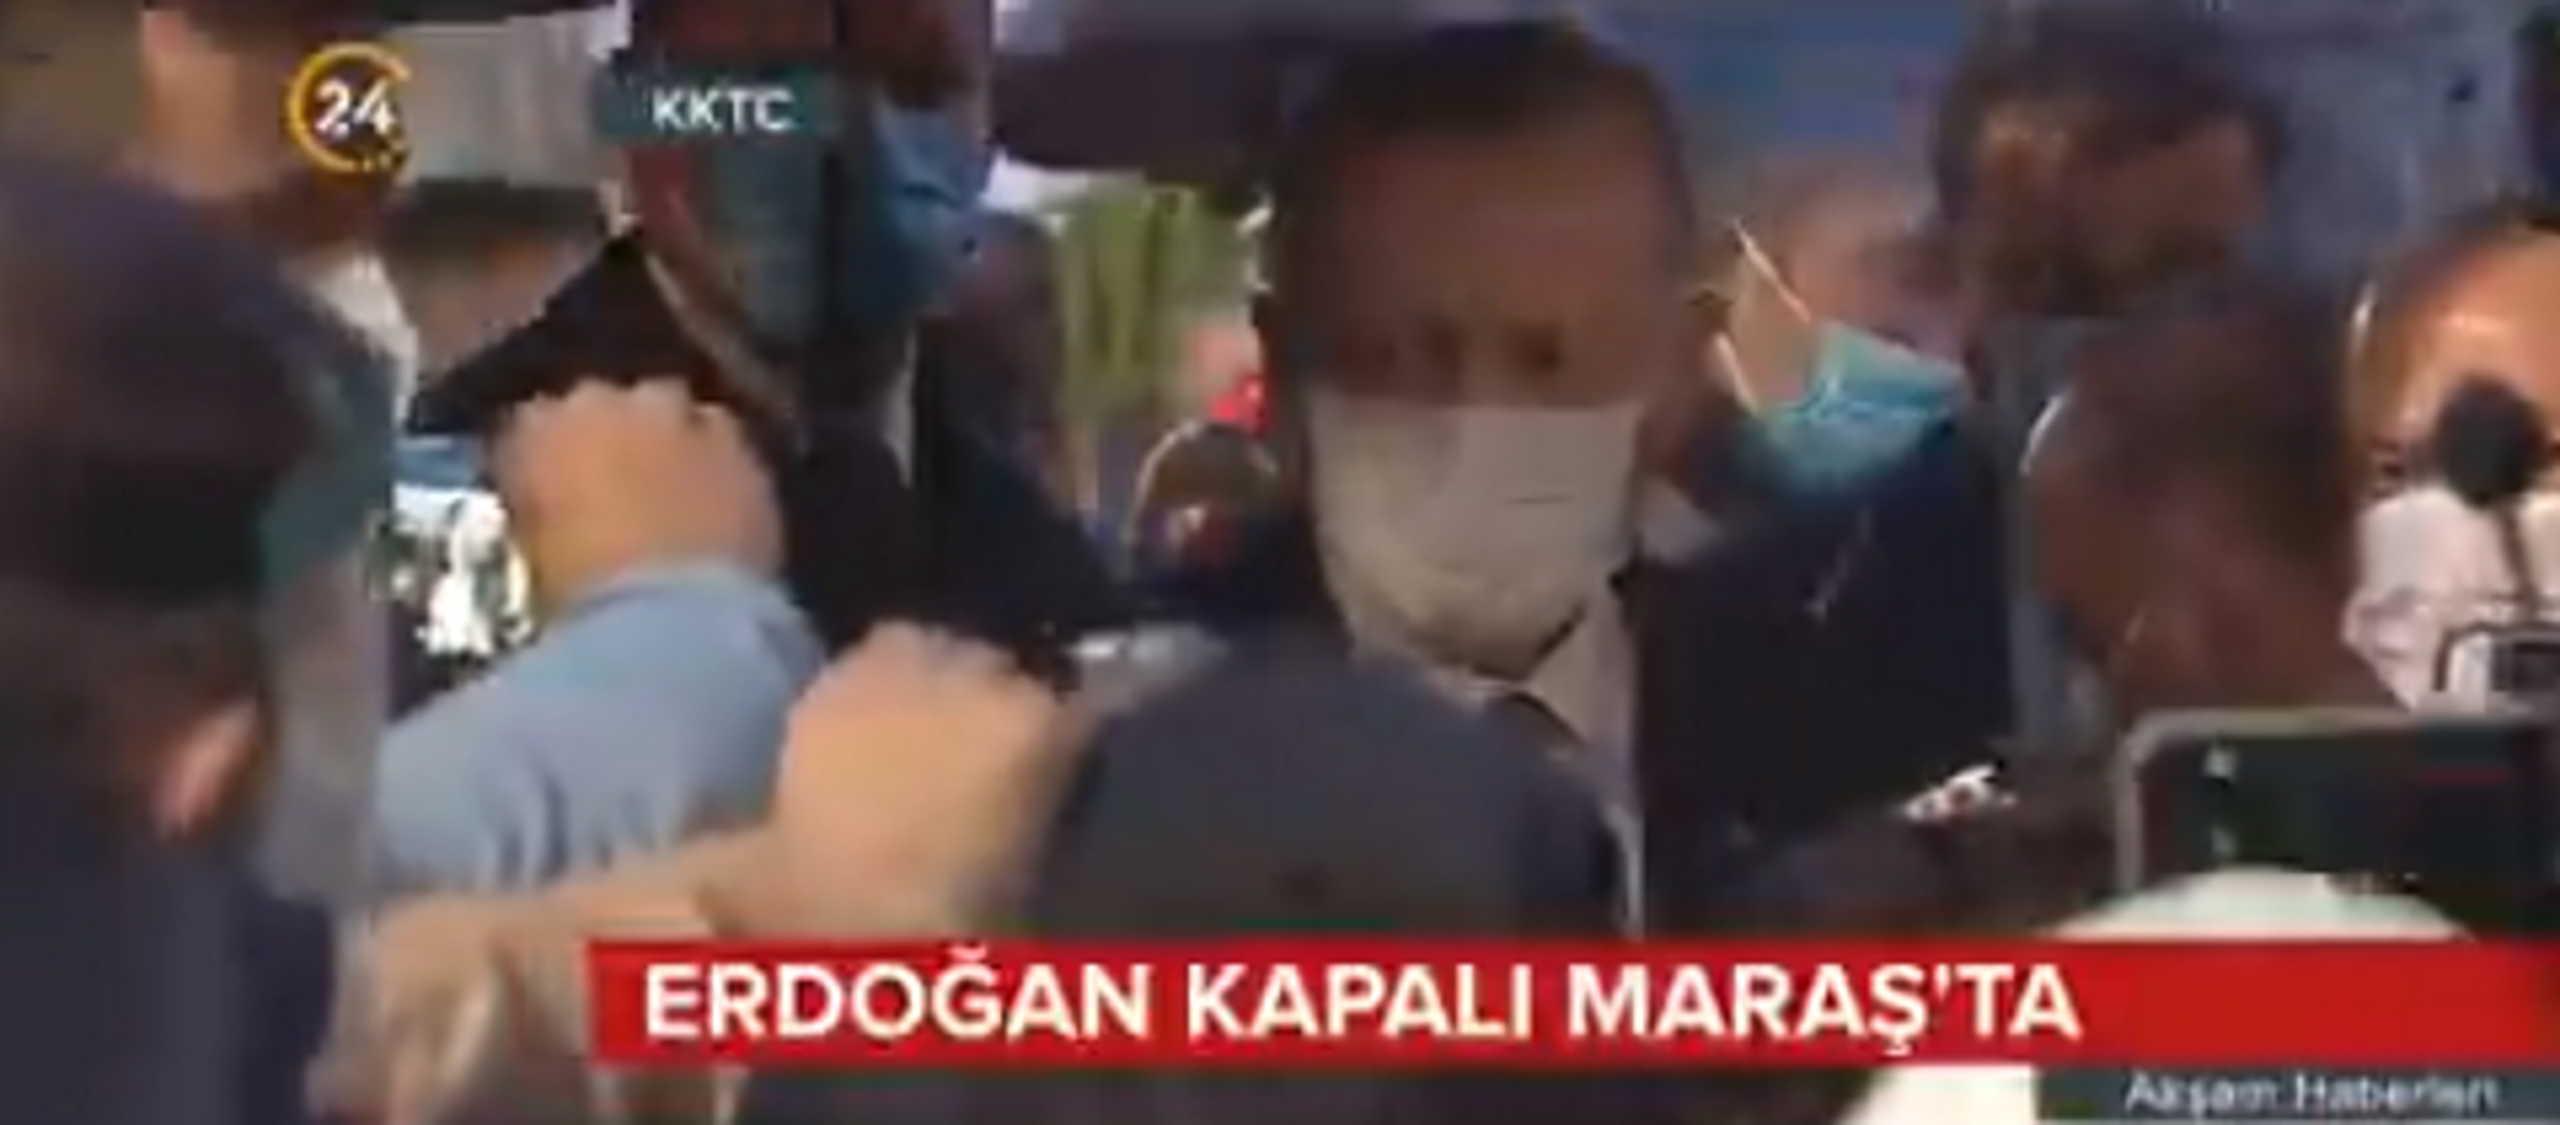 Δεν τον θέλει ούτε ο καιρός! Με καταιγίδα η επίσκεψη Ερντογάν στα Βαρώσια (video)